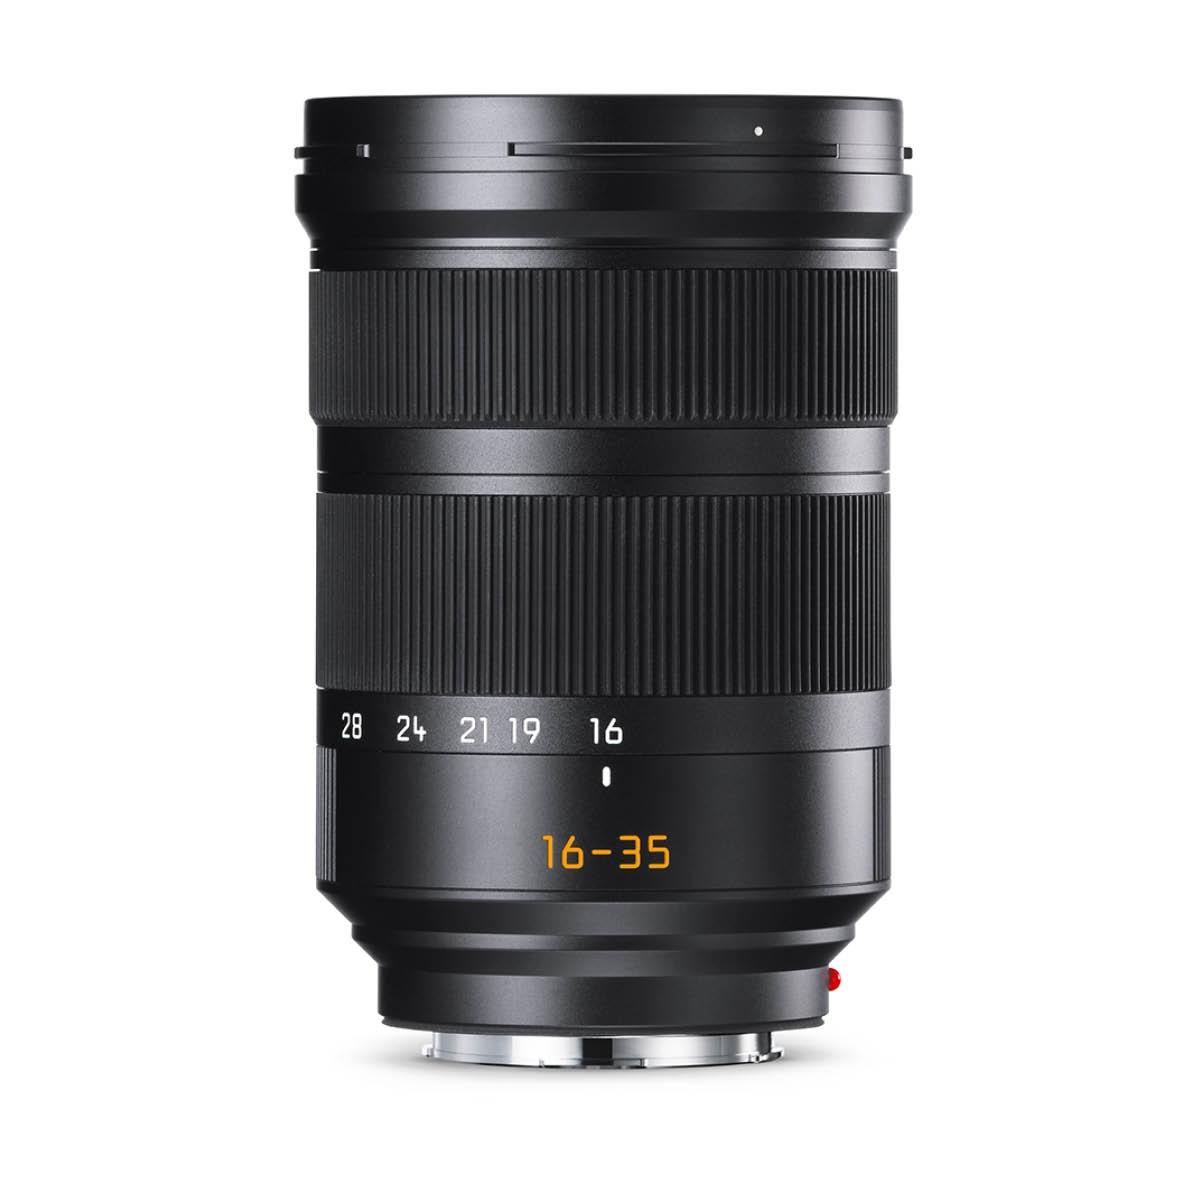 Leica Super-Vario-Elmar-SL 16-35mm F3.5-4.5 Asph. Objektiv